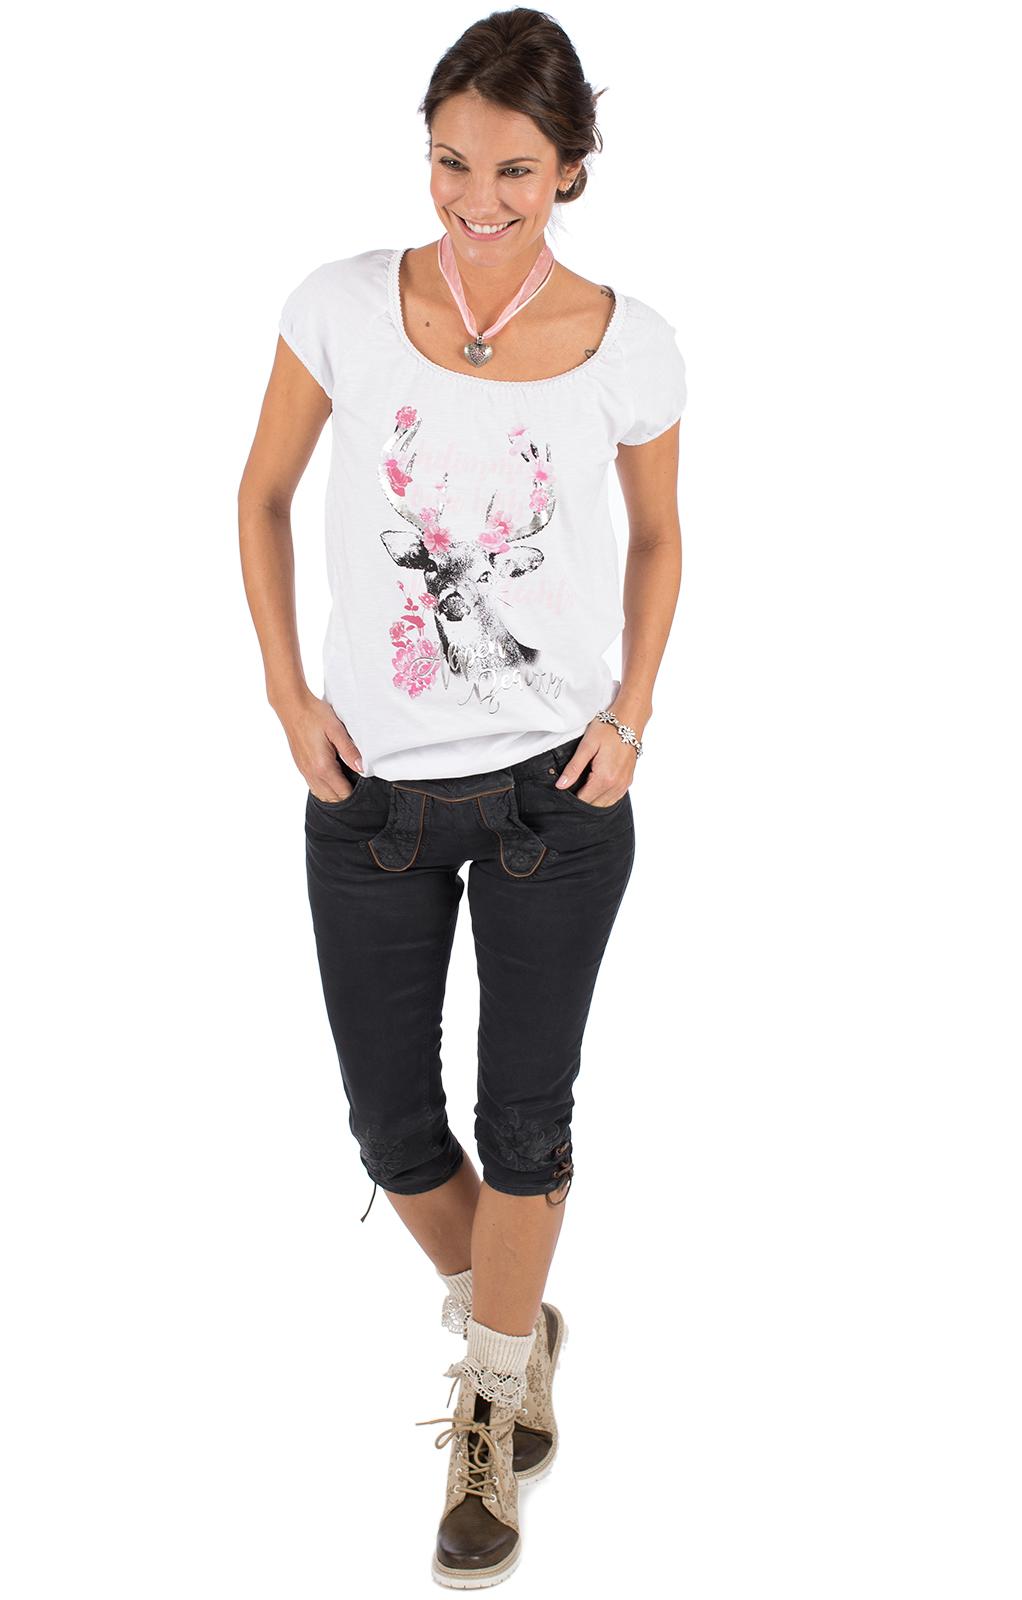 weitere Bilder von Trachten T-Shirt D43 - JULIA vintage weiß